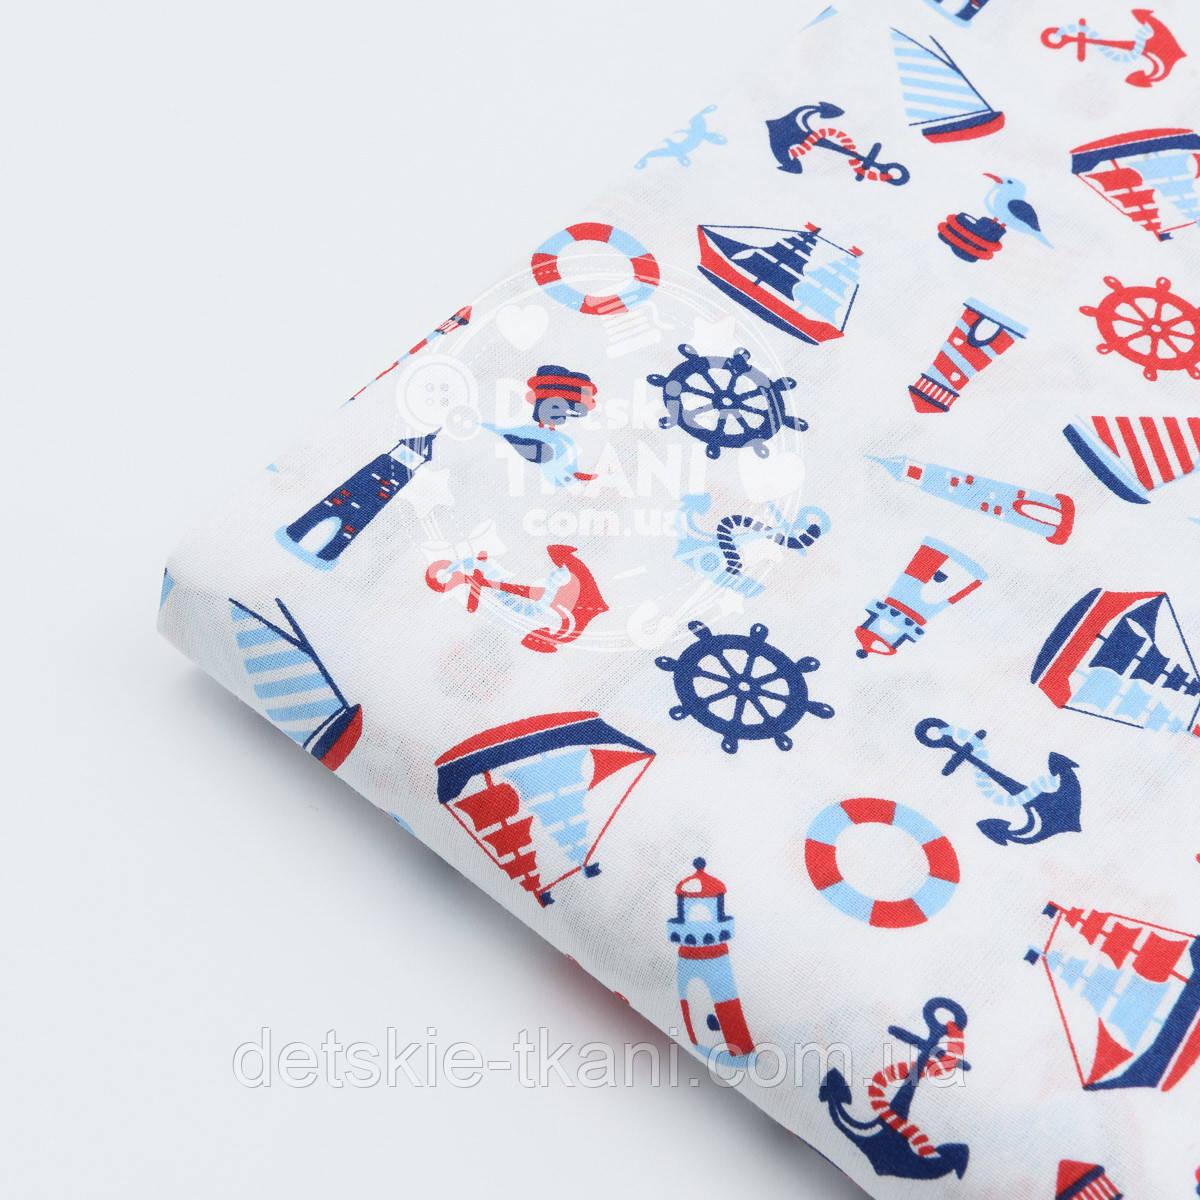 Лоскут ткани №264  с изображением морских элементов на белом фоне